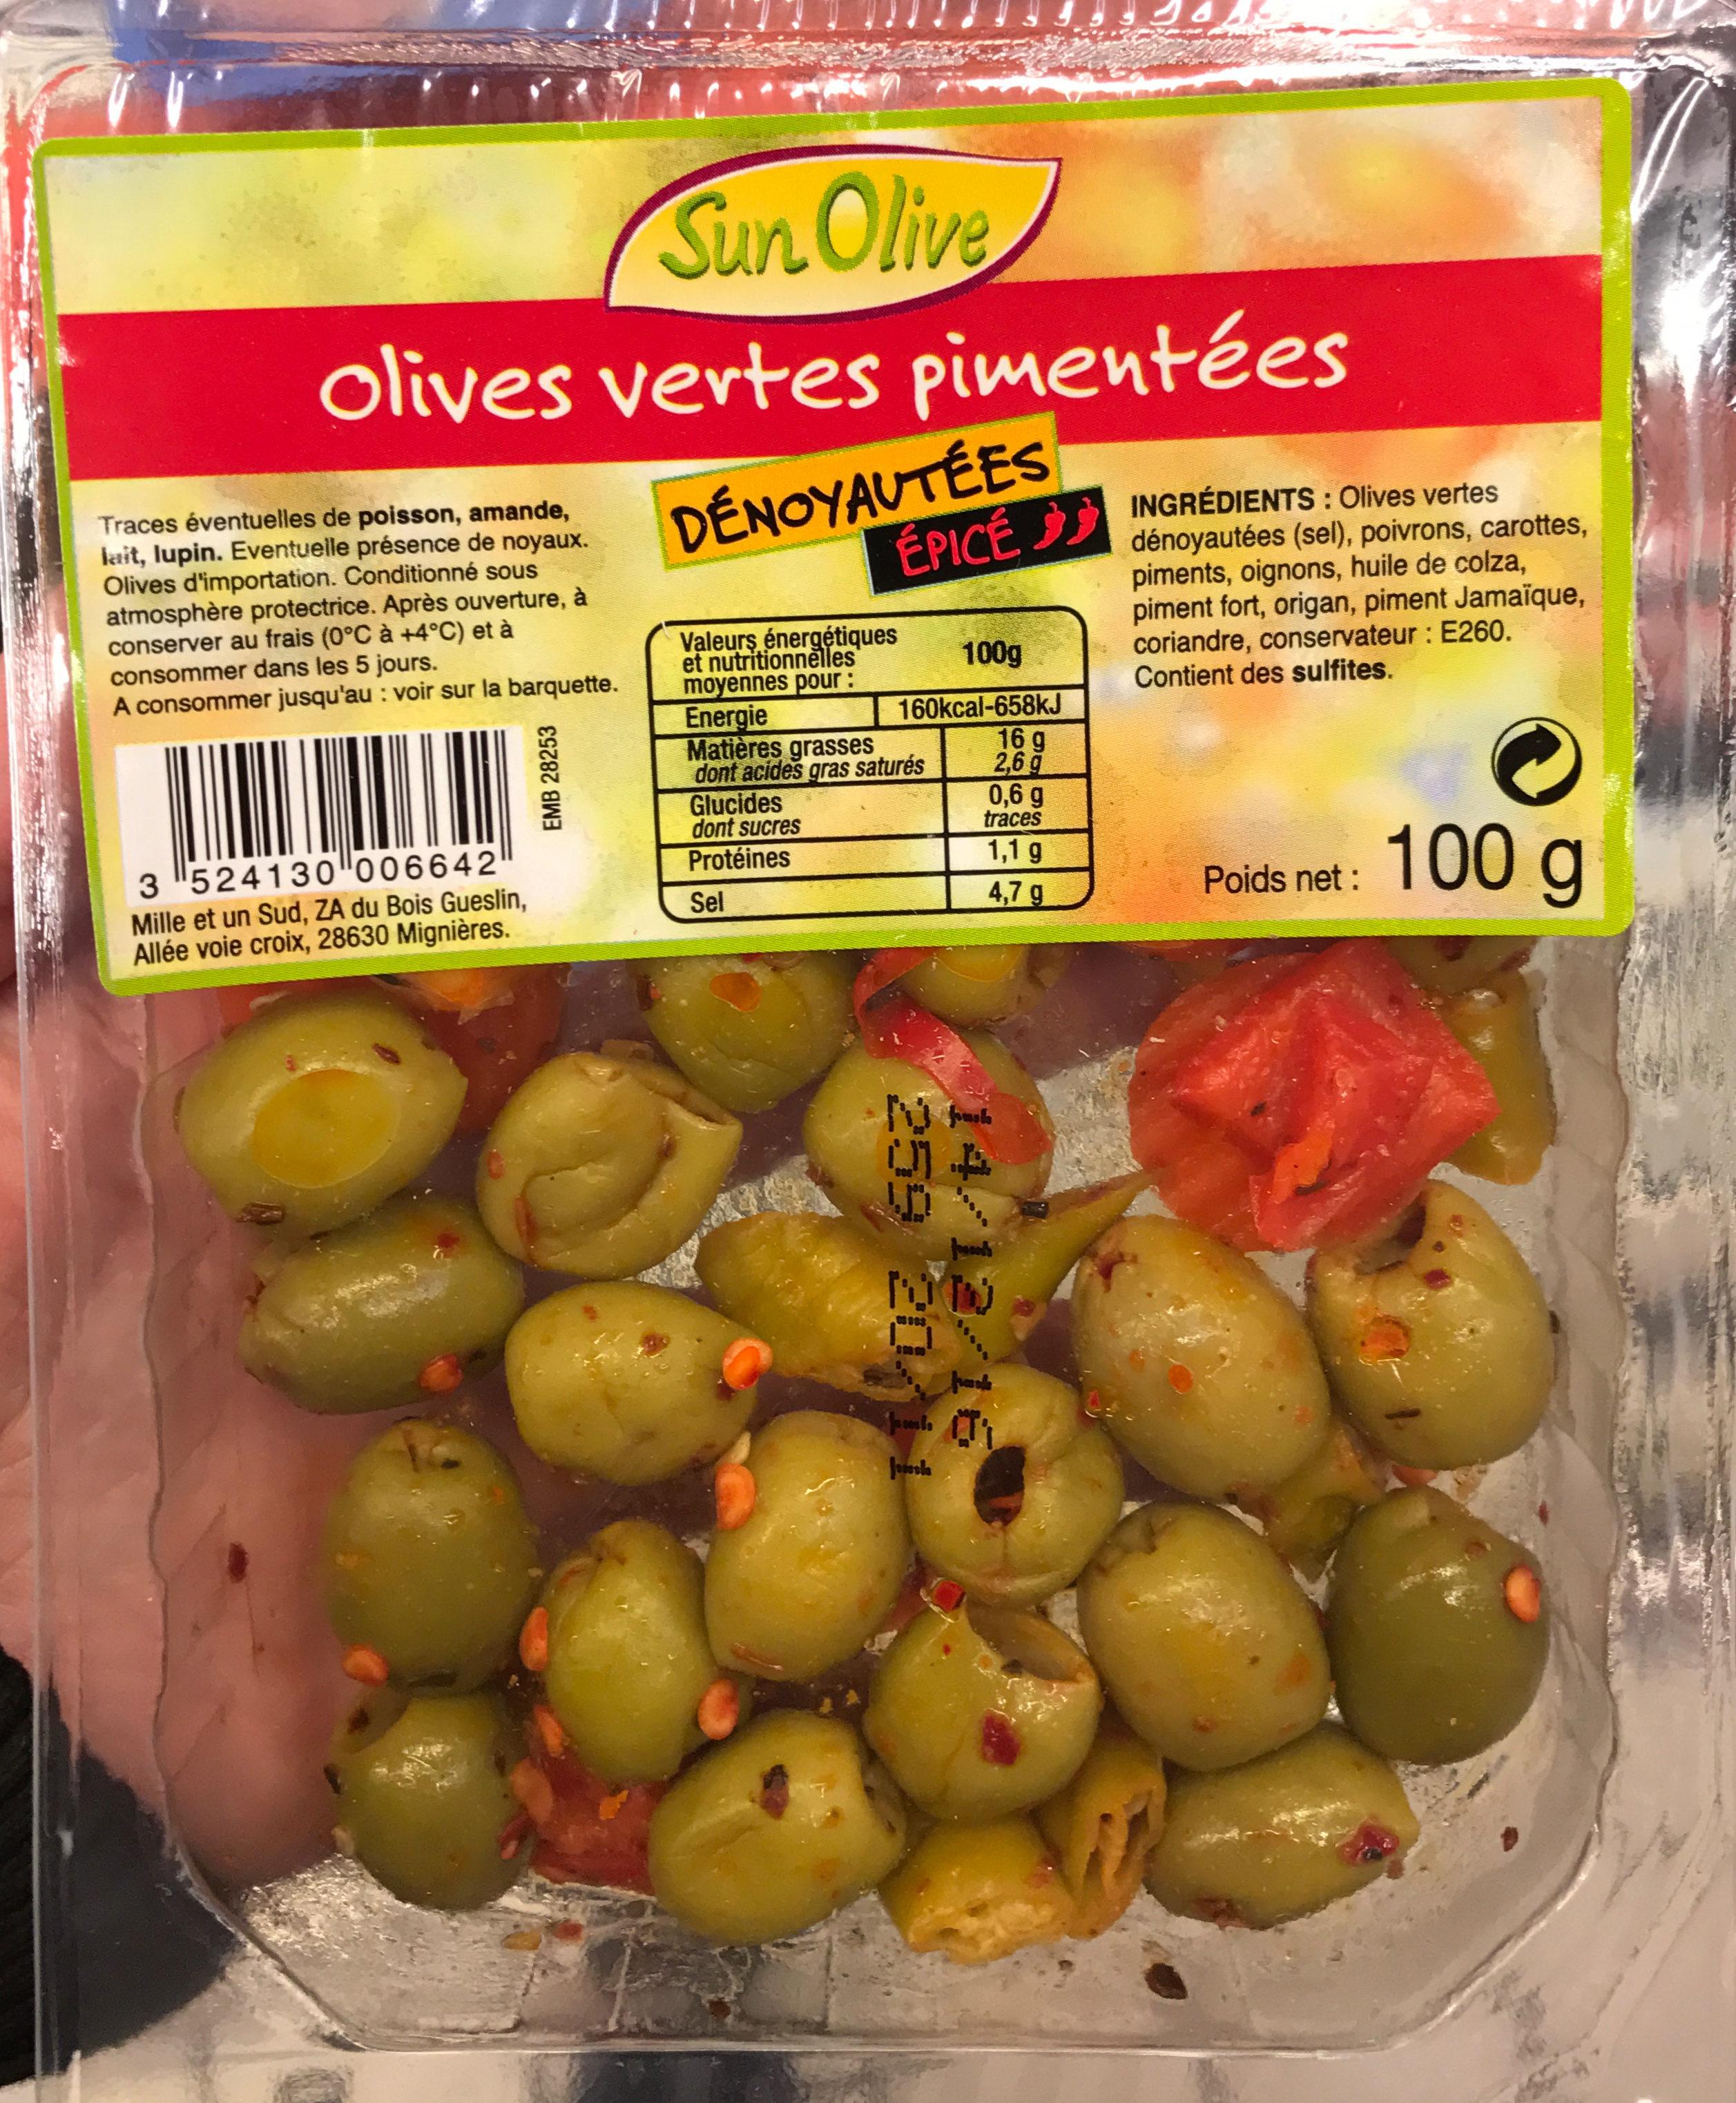 Olives vertes pimentées dénoyautées épicé - Produit - fr